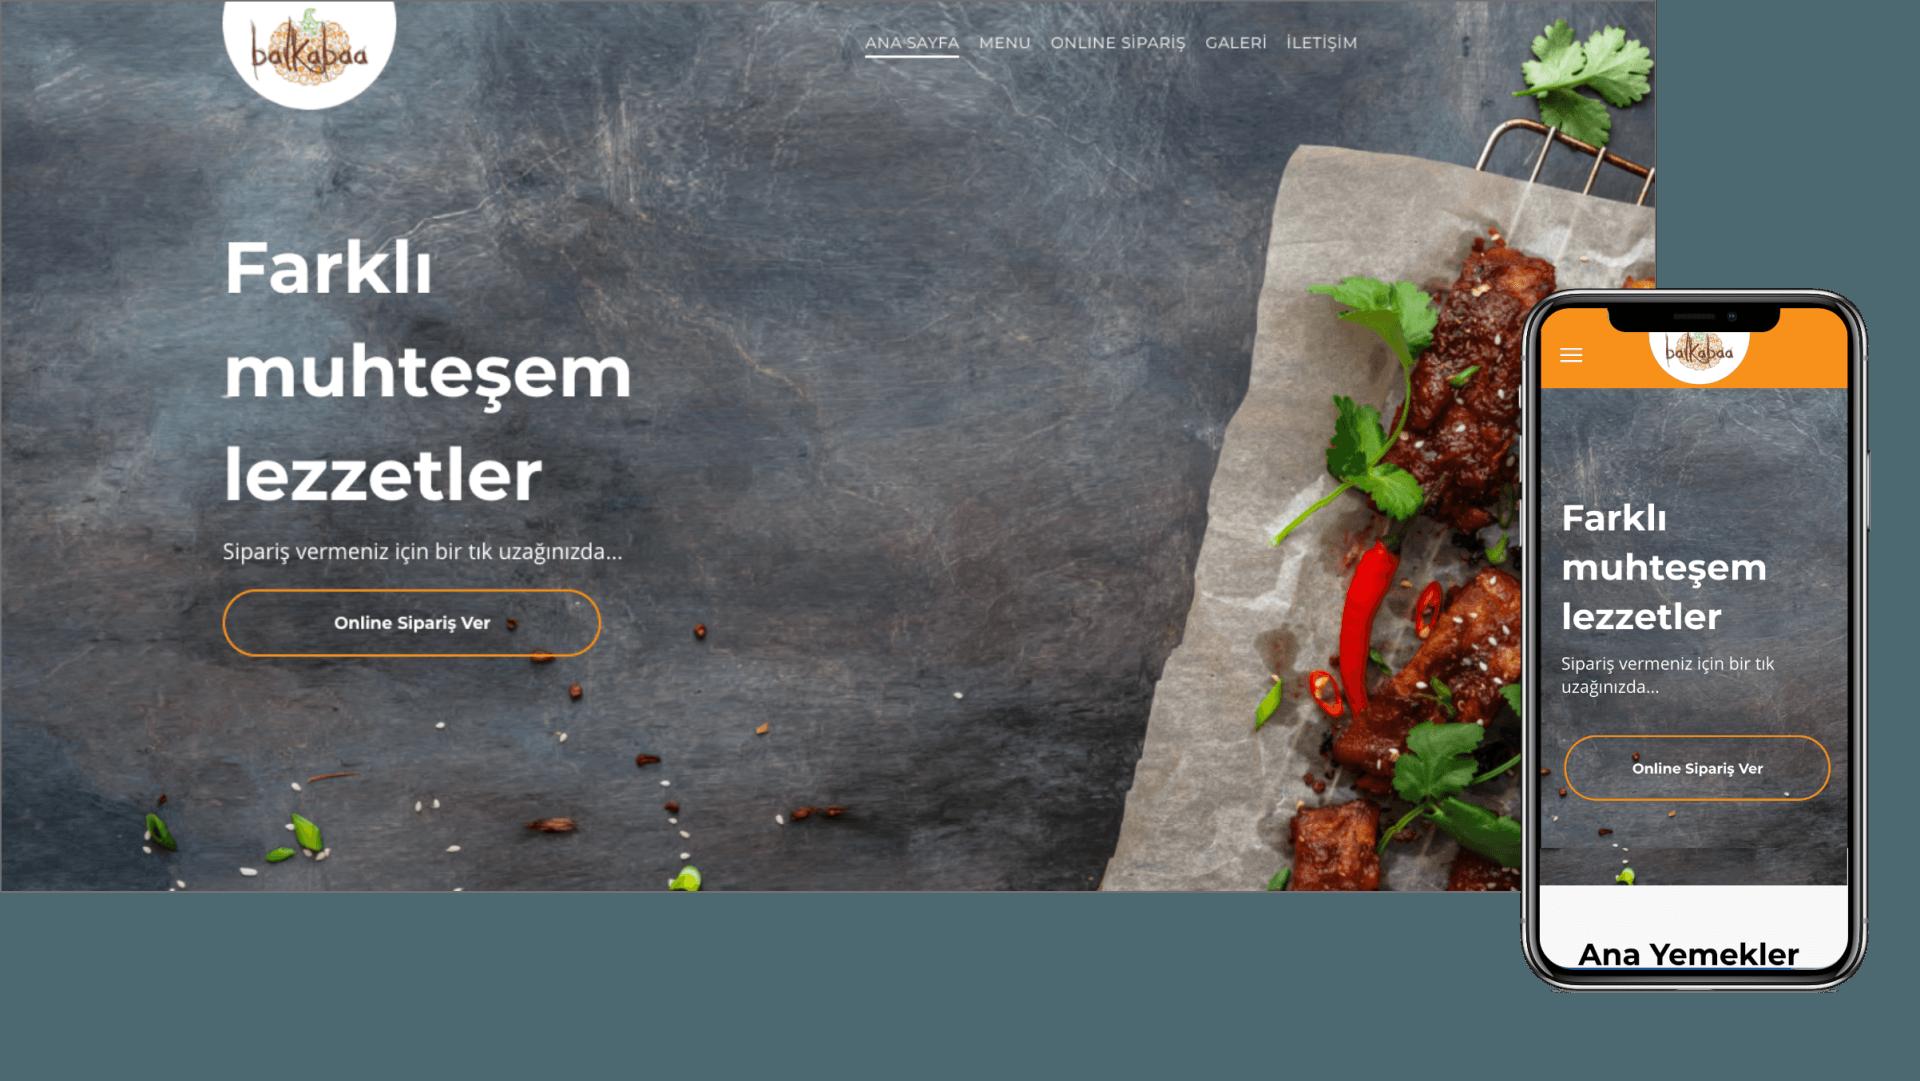 Munch Online Yemek Sipariş Sistemi